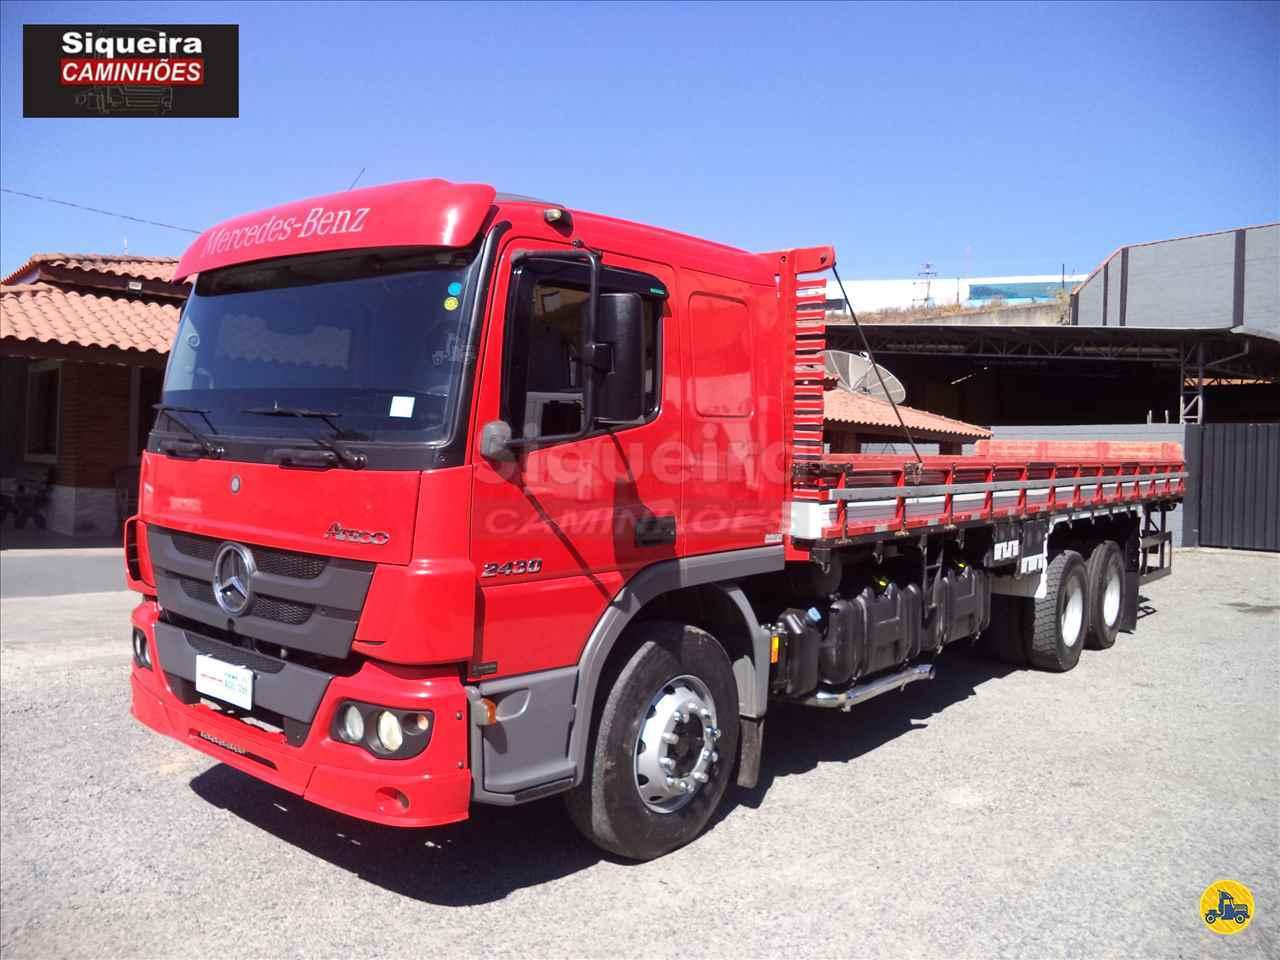 CAMINHAO MERCEDES-BENZ MB 2430 Carga Seca Truck 6x2 Siqueira Caminhões BRAGANCA PAULISTA SÃO PAULO SP